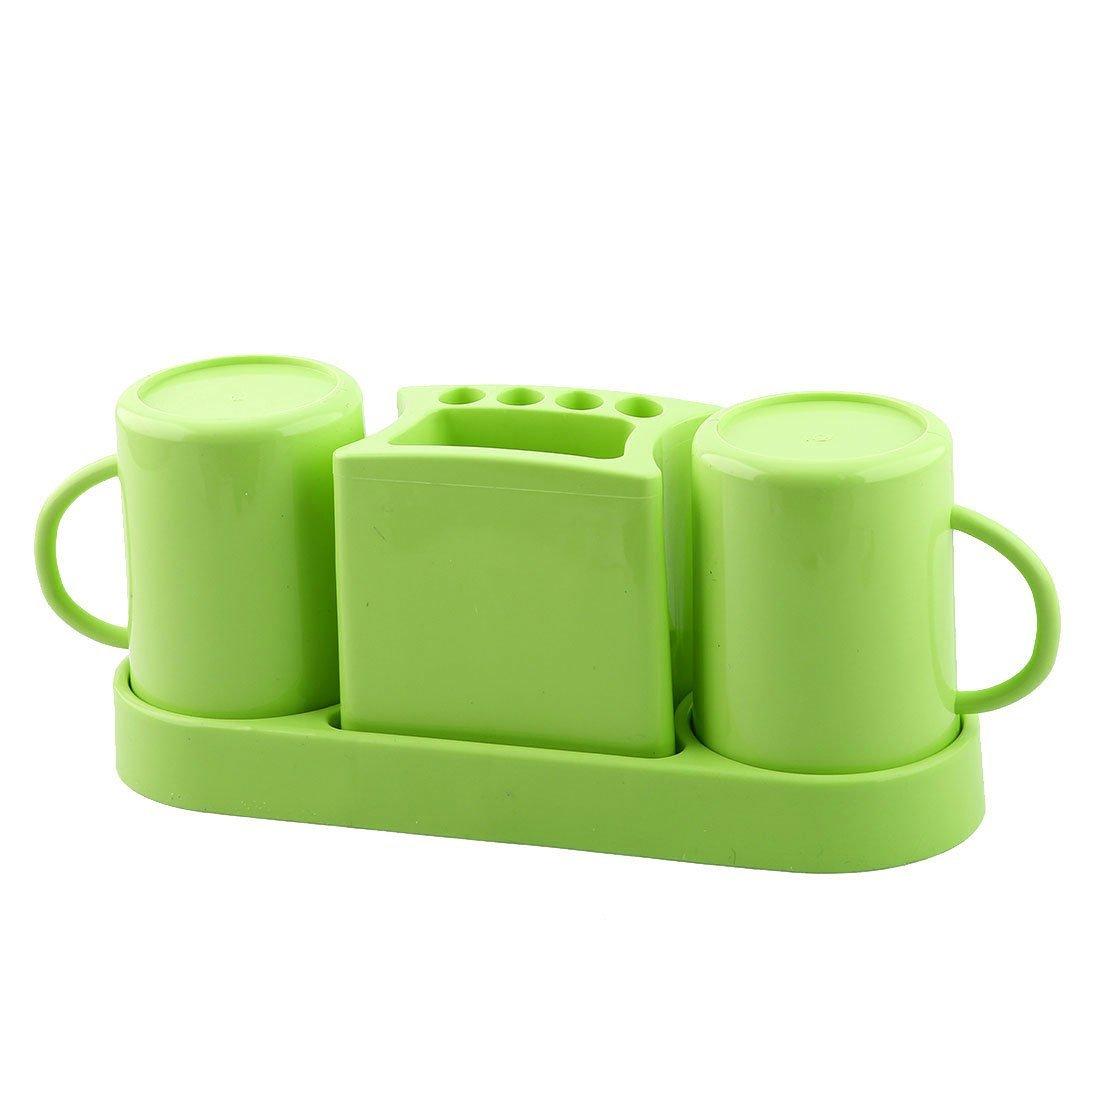 Amazon.com: eDealMax plástico de baño cepillo de dientes Pasta de dientes soporte del caso del organizador del sostenedor del estante Verde Conjunto: Home & ...